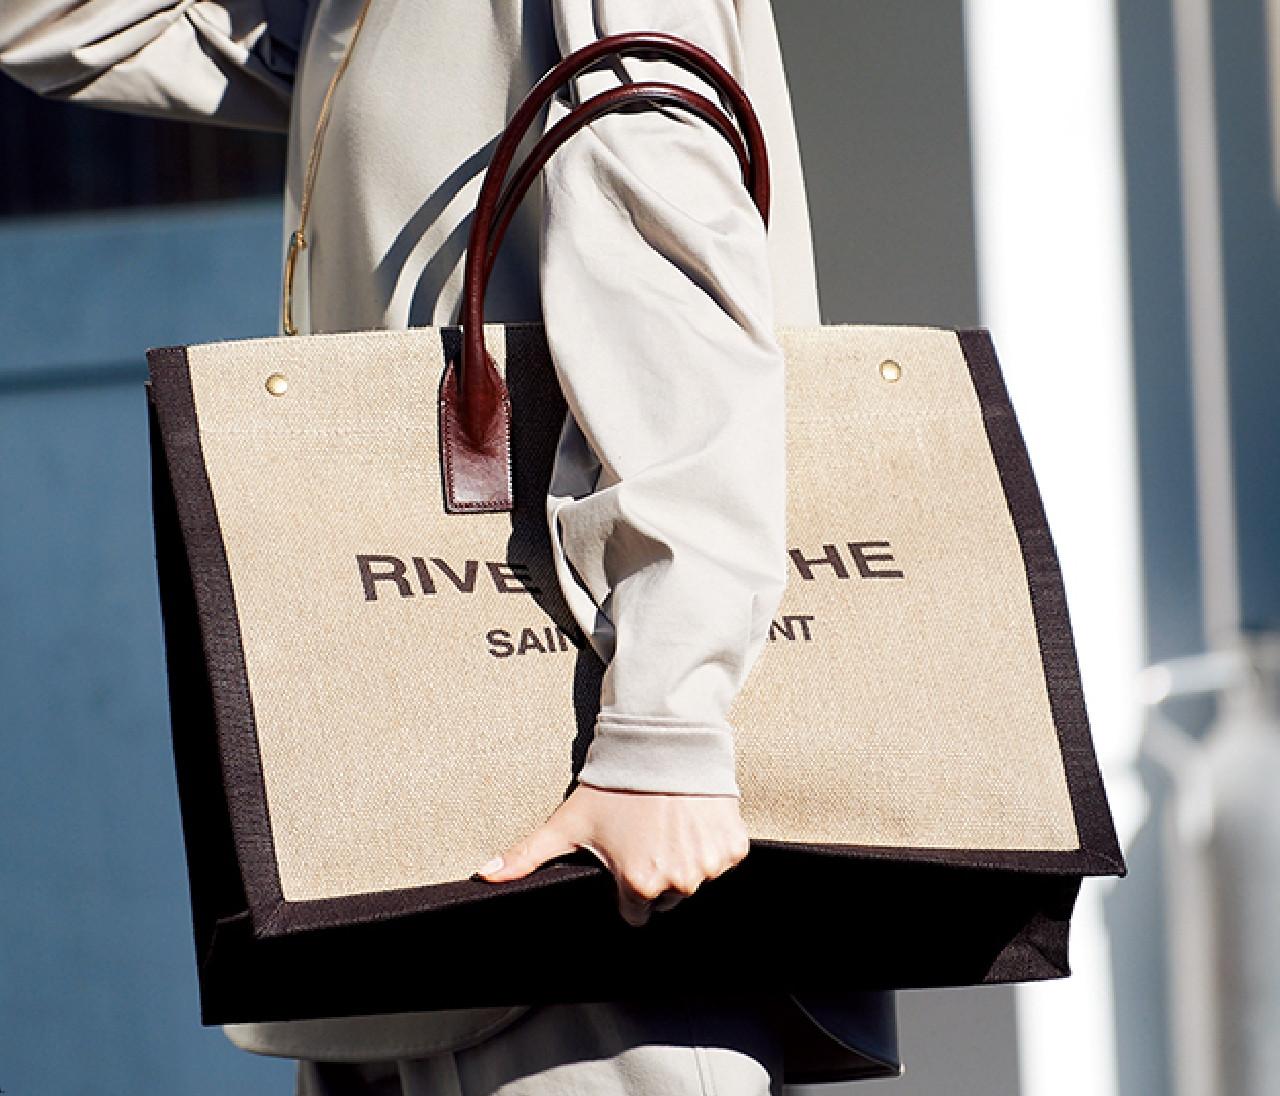 ディオール、セリーヌ、サンローラン。春はアガる&使えるトートバッグが絶対買い!【ハイブランドのトートバッグ1】